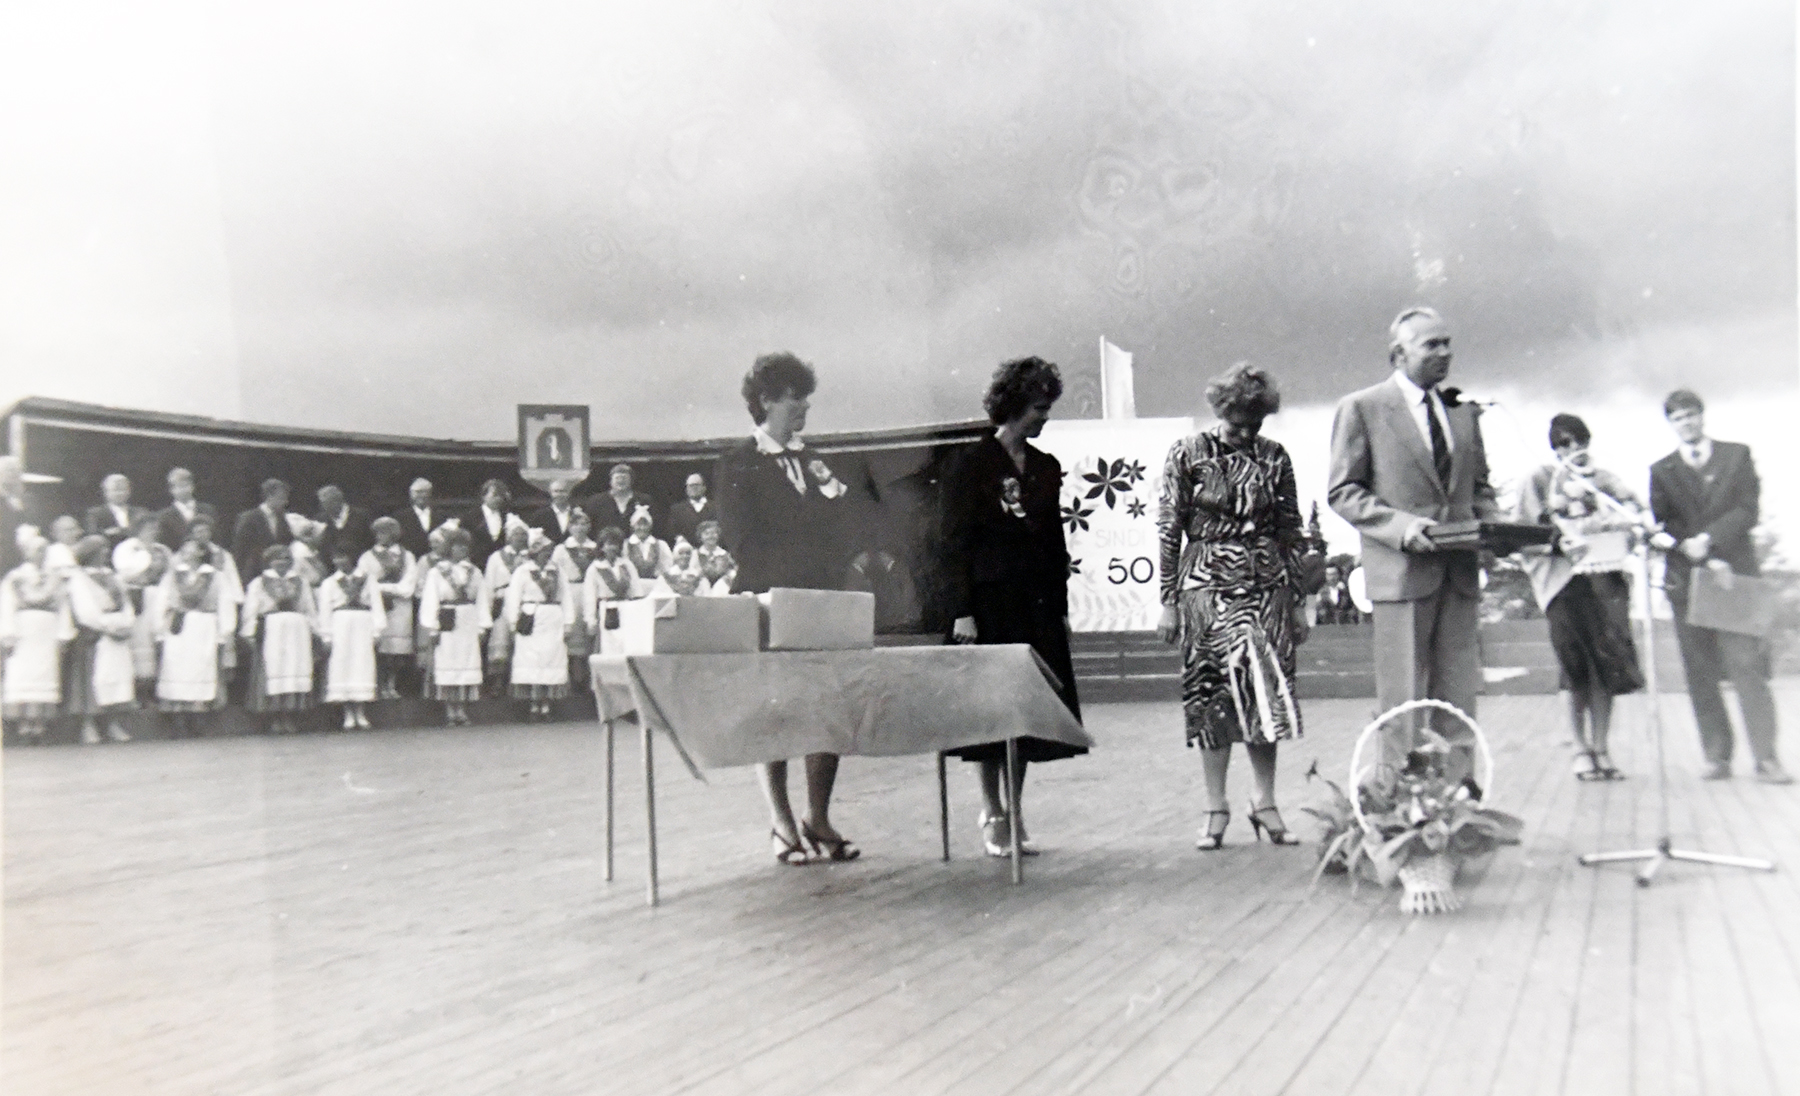 Sindi linna viiekümnenda aastapäeva suurpidustus lauluväljakul. Foto: Viivi Palmissaare erakogust